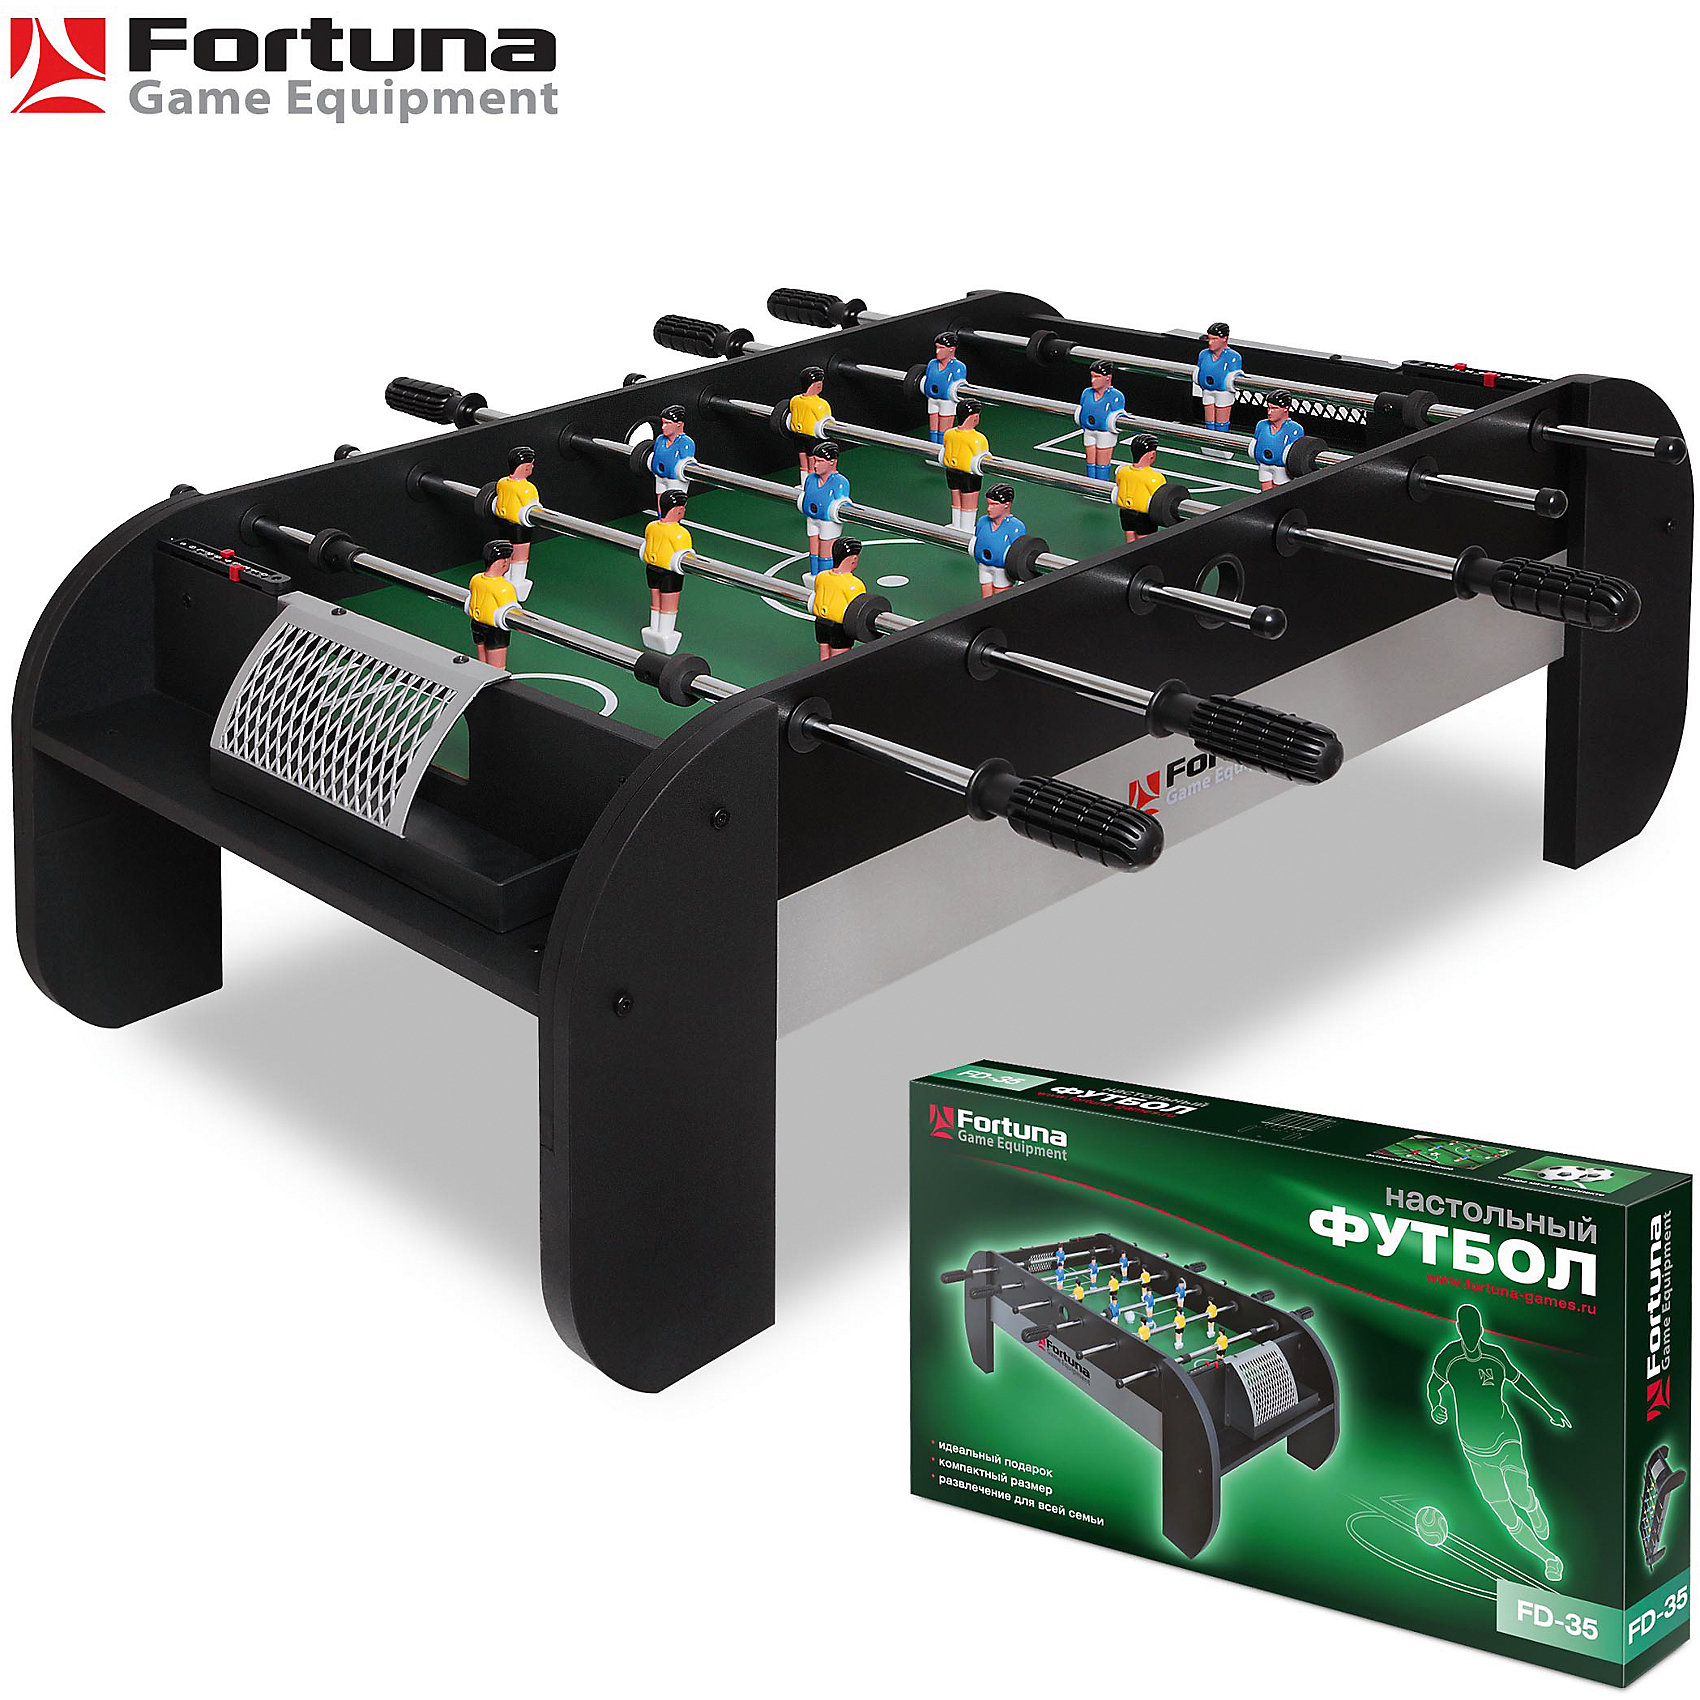 Настольный футбол-кикер, FD-35, 97х54х35 см, FortunaНастольные игры<br>Настольный футбол-кикер, FD-35<br><br>Характеристики игрового набора Fortuna Game Equipment:<br><br>• размер стола в собранном виде: 97х54х35 см;<br>• вес: 10,14 кг<br>• размер игрового поля: 77х49 см;<br>• не регулируется по высоте;<br>• мячи: 4 шт, диаметр 31 мм;<br>• материла корпуса + покрытие: МДФ/ПВХ;<br>• материал рукояток: резина;<br>• материал штанг: металл, количество штанг: 6 шт.;<br>• размер упаковки: 106х55х14 см;<br>• вес упаковки: 13,19 кг;<br>• упаковка: мастер-коробка, коммерческая коробка, МДФ, пенопласт, полиэтилен.<br><br>Настольный футбол-кикер, FD-35, 97х54х35 см, Fortuna можно купить в нашем интернет-магазине.<br><br>Ширина мм: 1006<br>Глубина мм: 140<br>Высота мм: 550<br>Вес г: 13190<br>Возраст от месяцев: 36<br>Возраст до месяцев: 2147483647<br>Пол: Унисекс<br>Возраст: Детский<br>SKU: 5032454